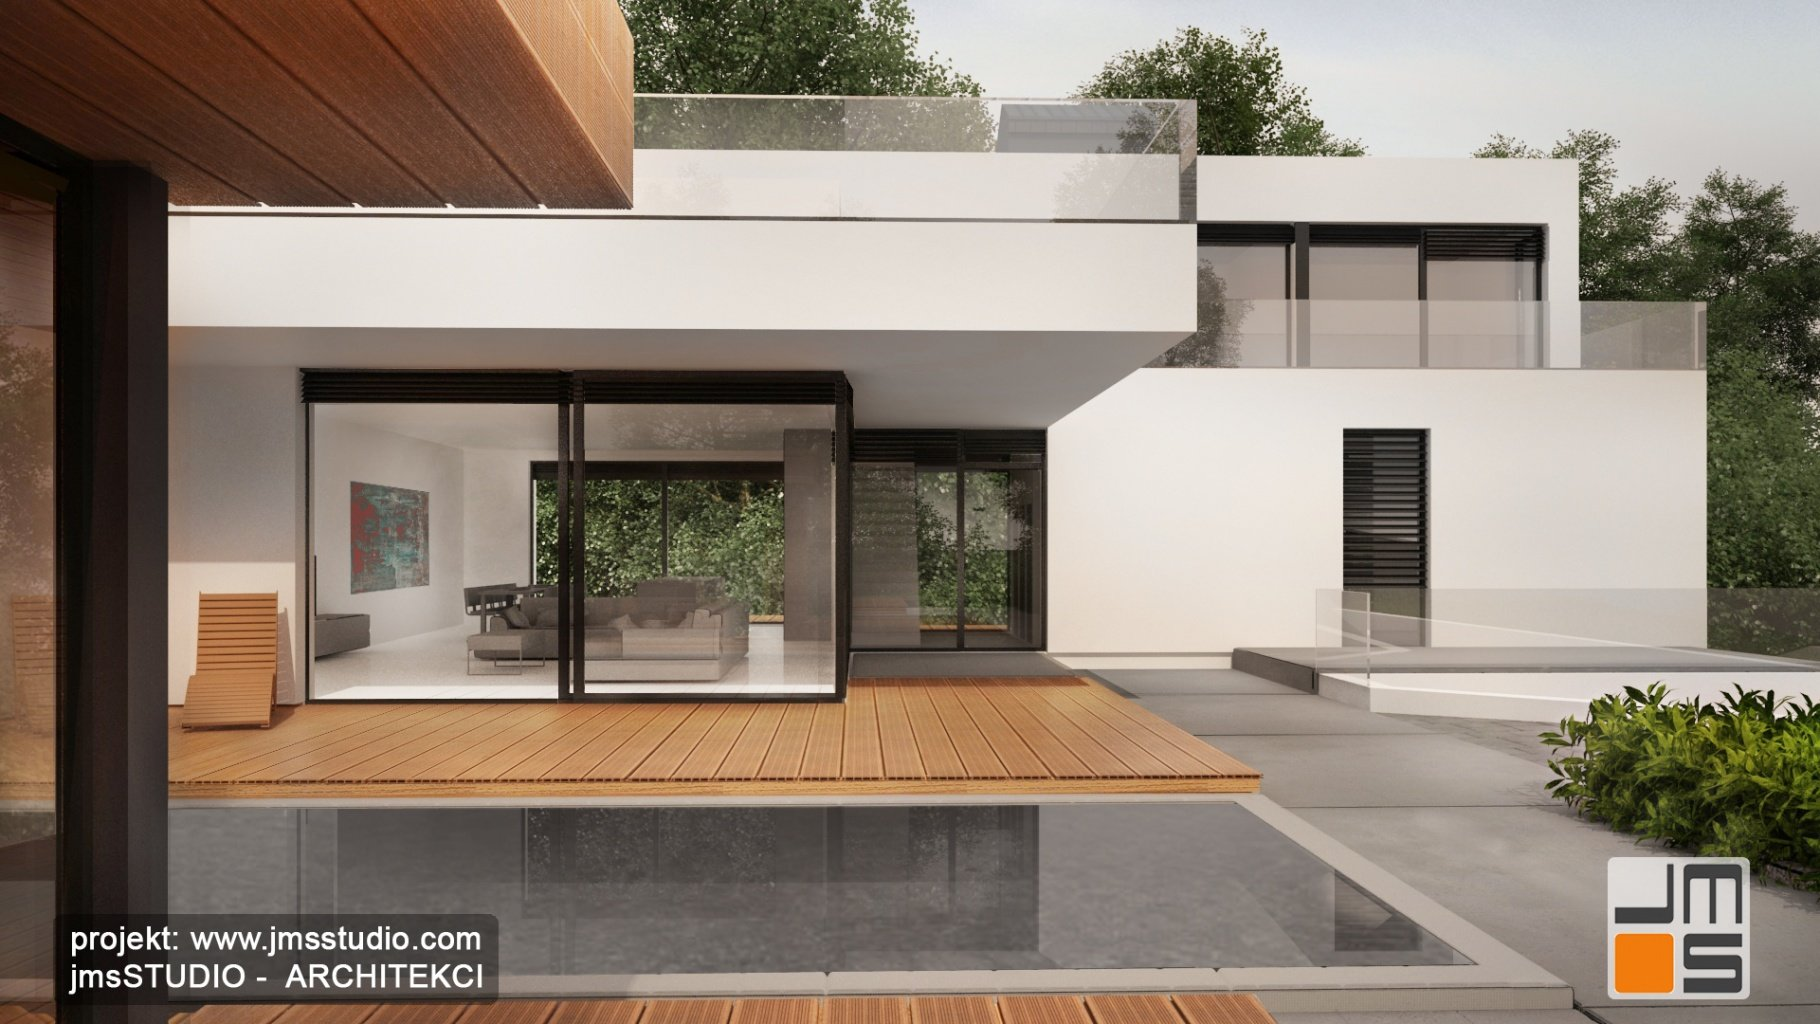 Projekt nowoczesnego domu z płaskim dachem oraz duże okna antracytowe  i pomysłem na garaż pod budynkiem